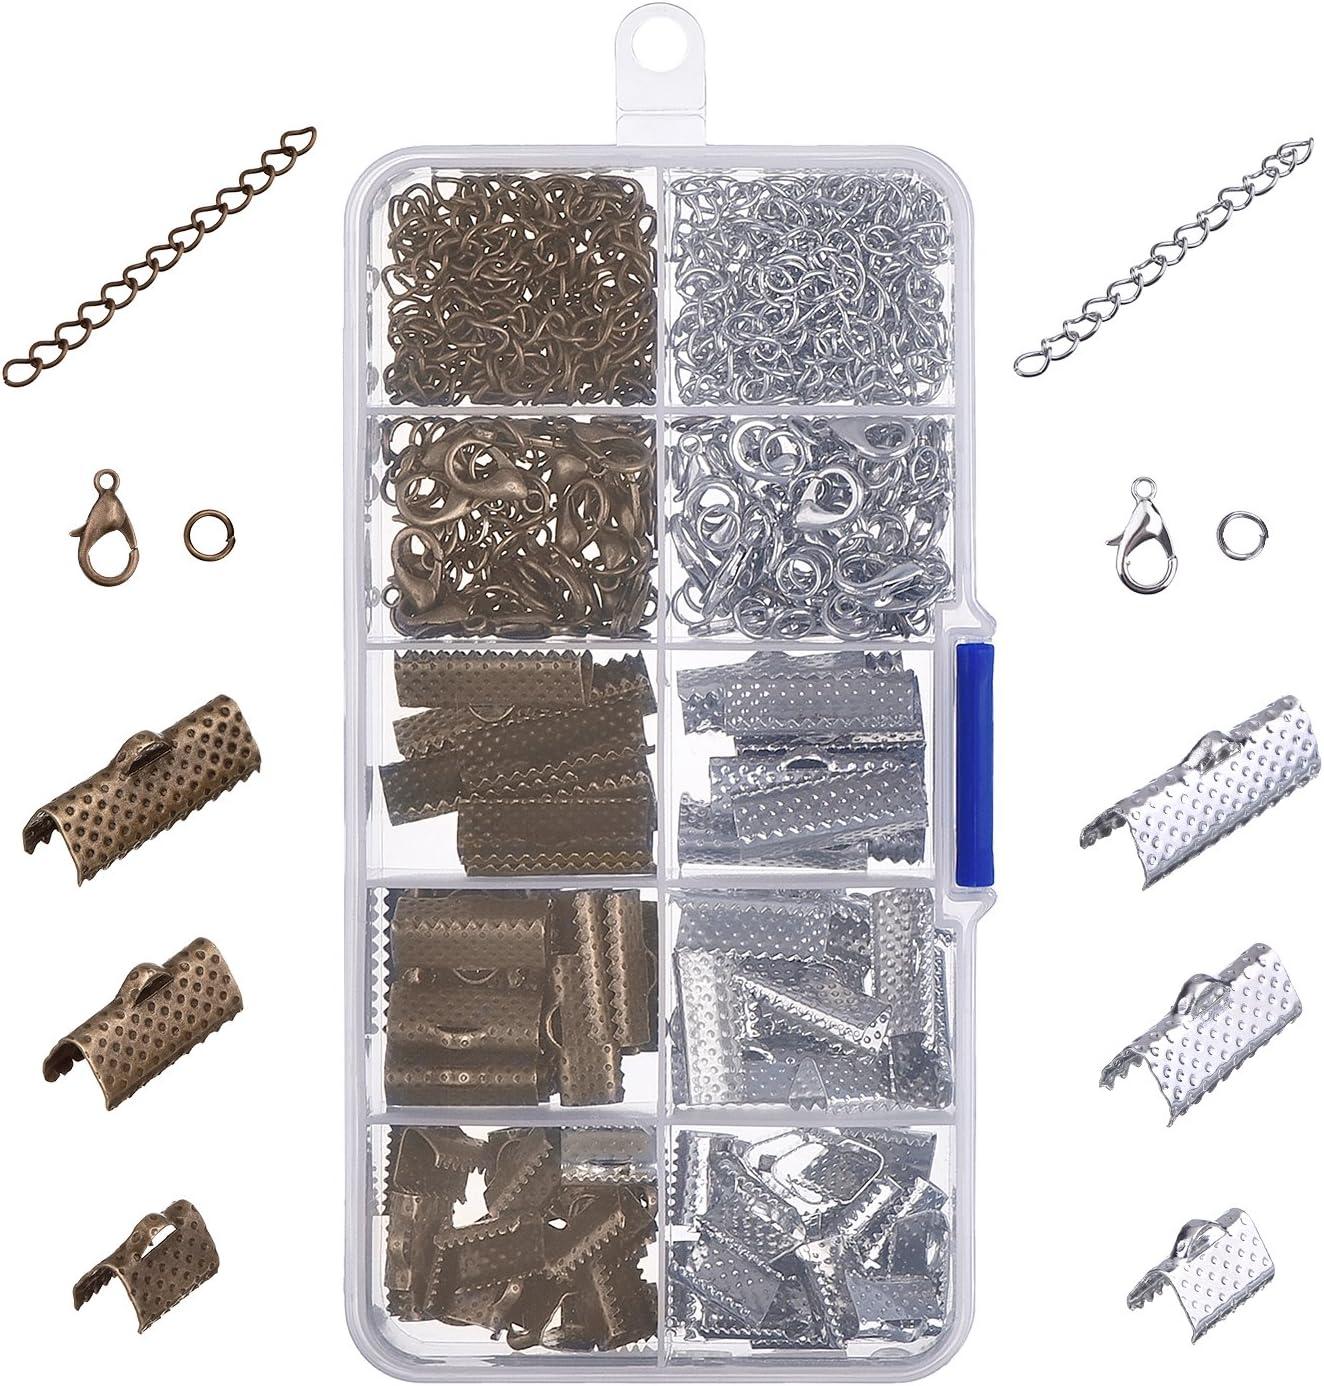 Kit de Pulsera de Cinta Extremos de Cierre Presionado Broche de Langosta con Anillas Abiertas y Extensor de Cadena Multicolor B 370 Piezas